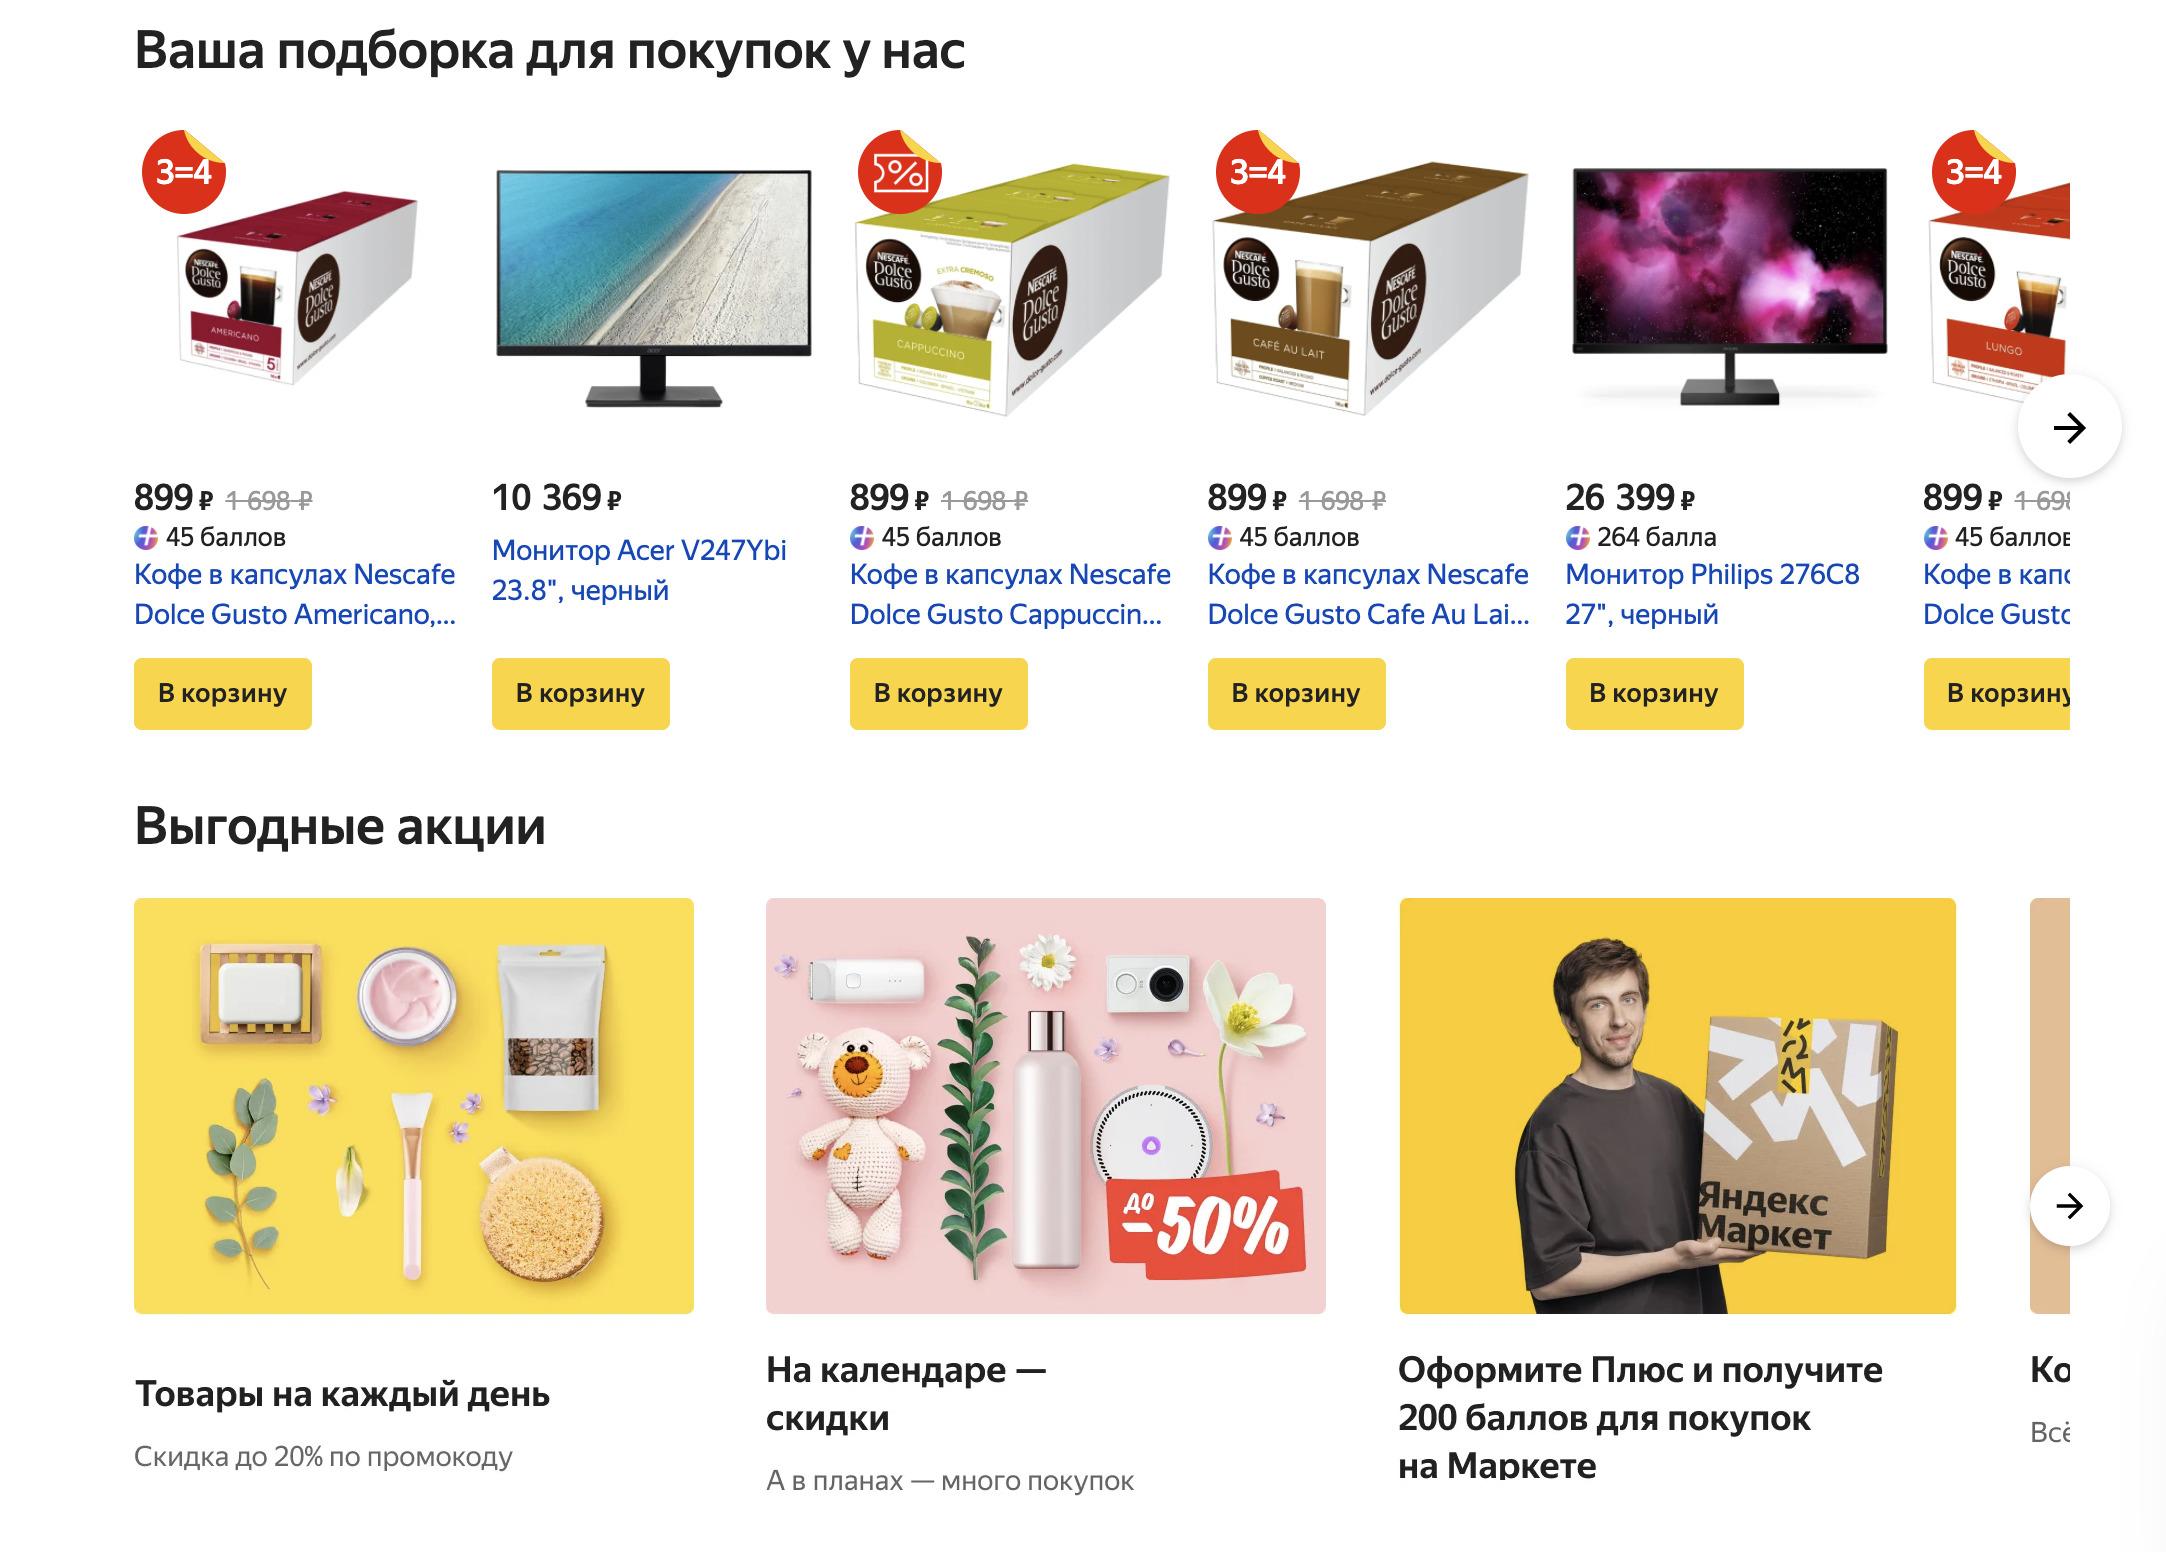 Доставка из Яндекс.Маркет в Керчь, сроки, пункты выдачи, каталог